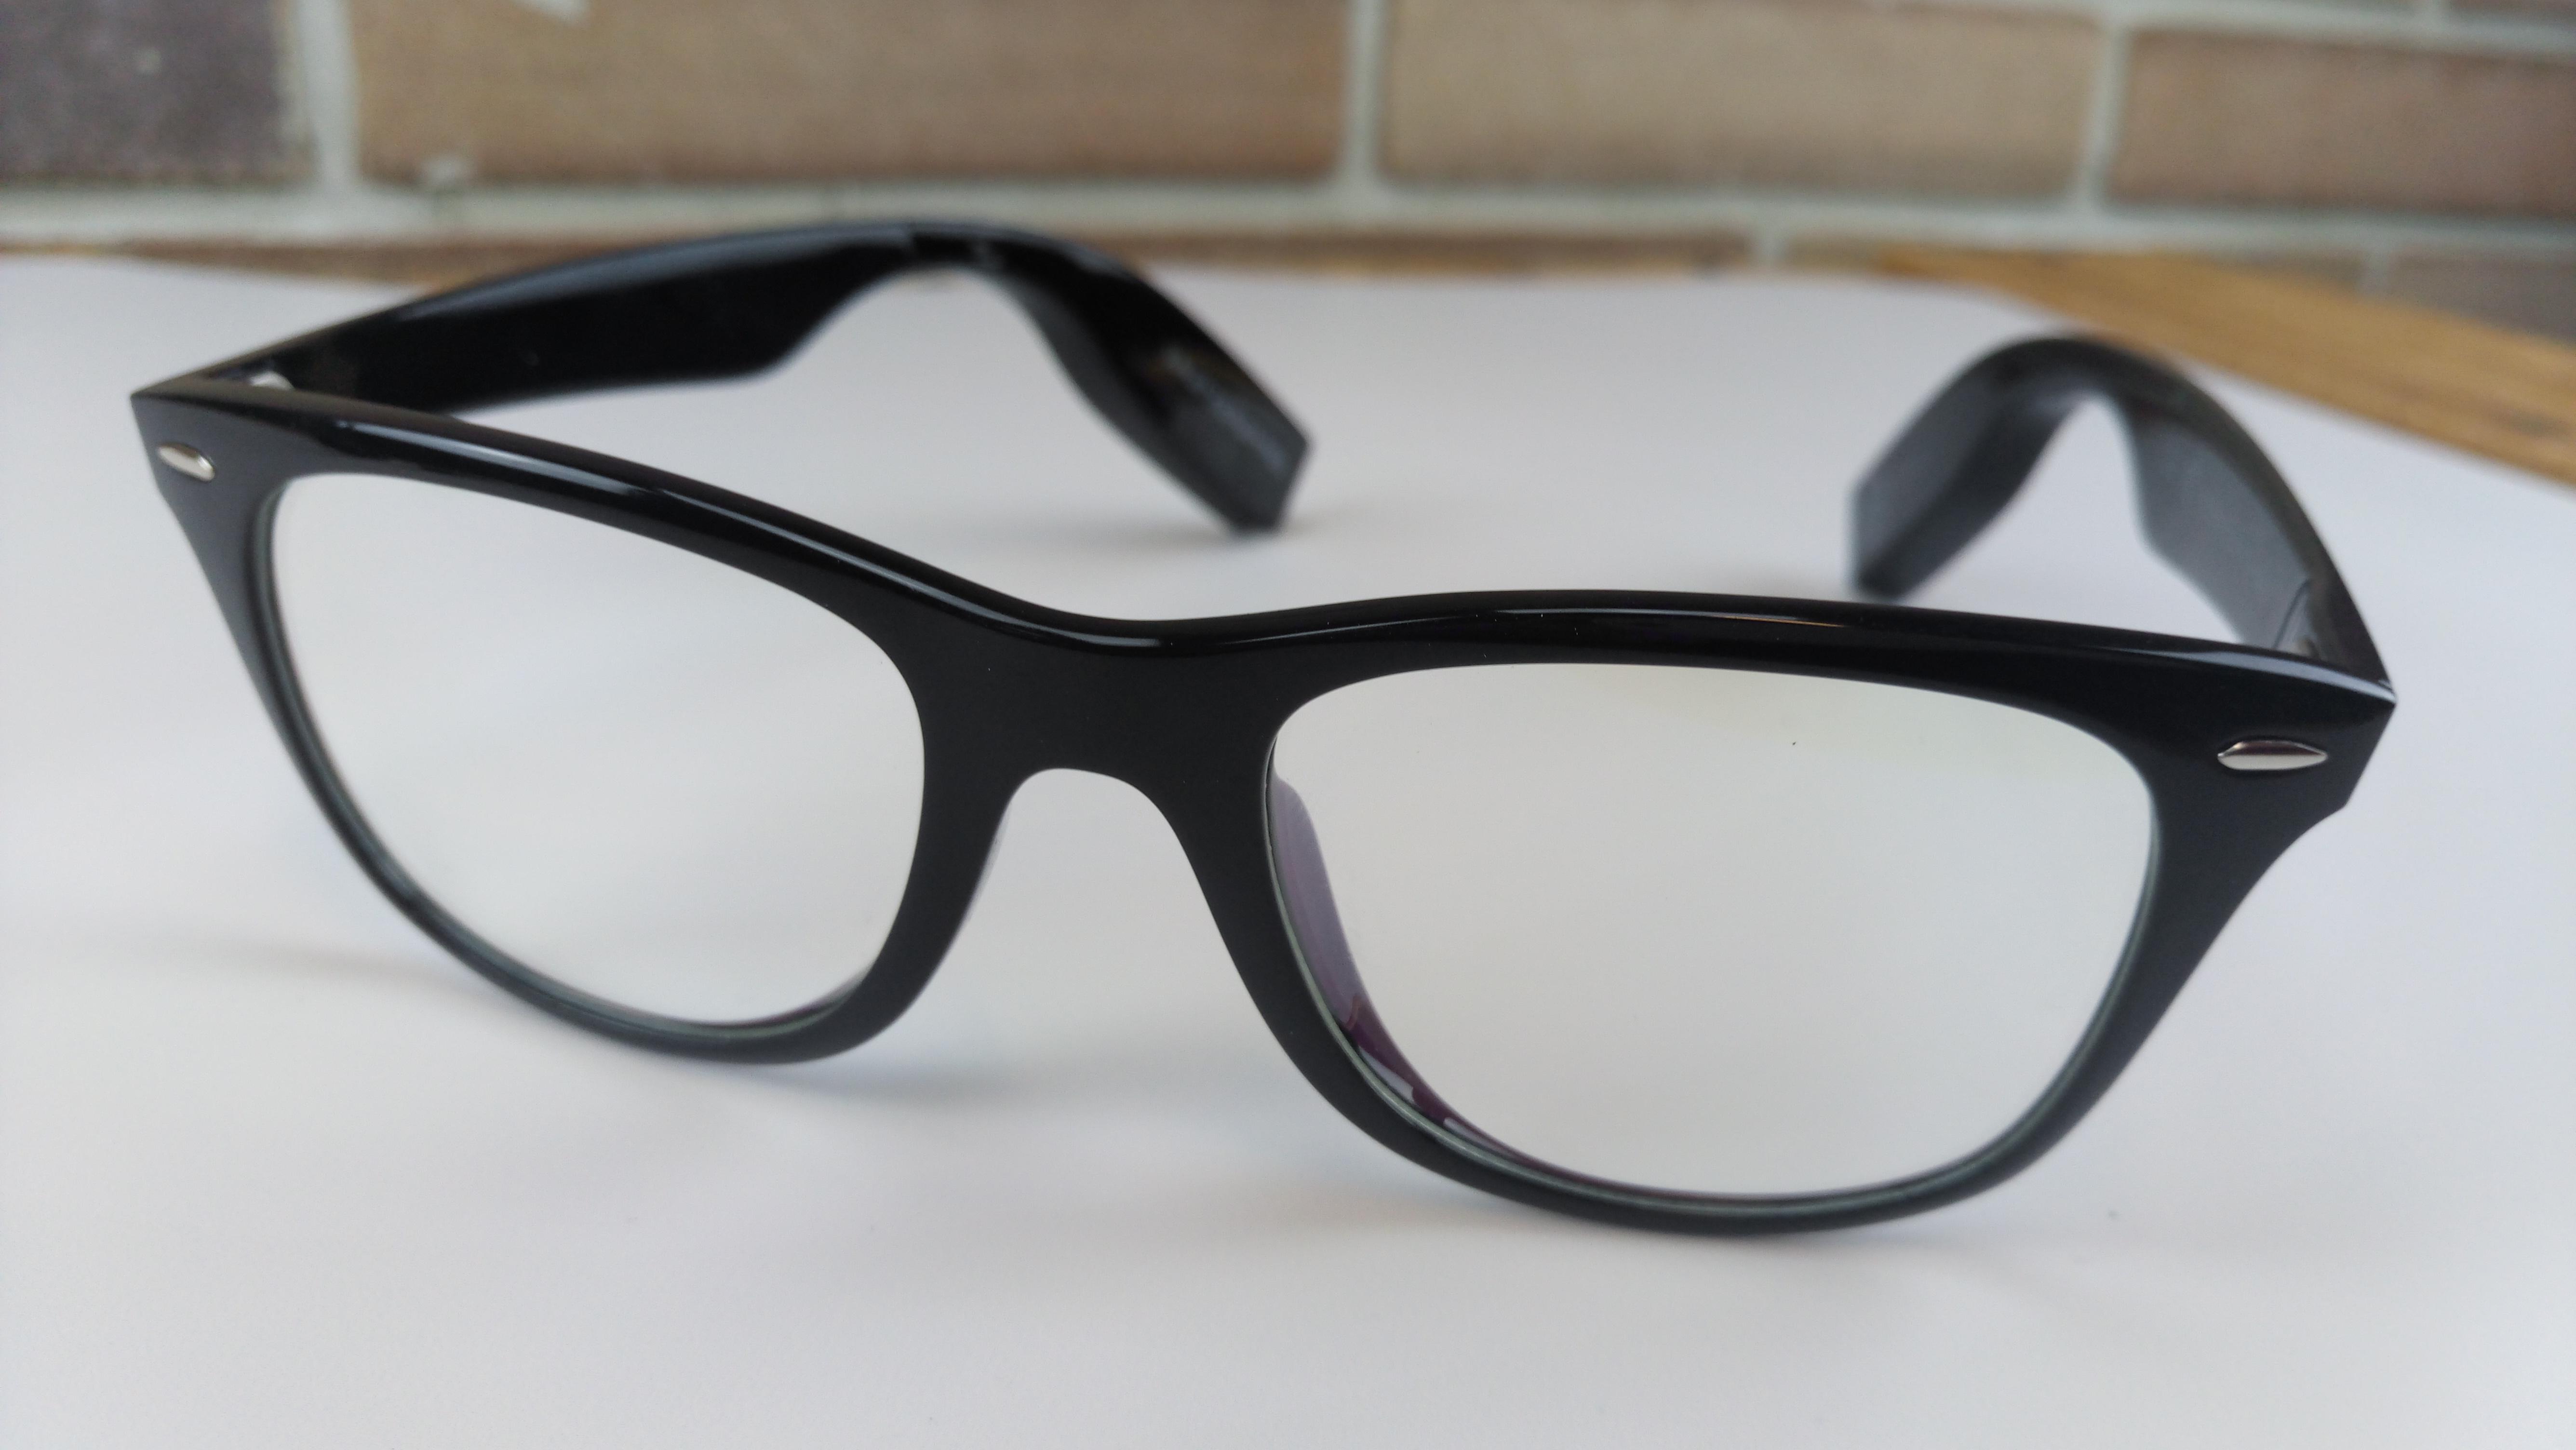 Mehr Durchblick? MOMON sc-8011-1 Bluetooth-Brille im Test